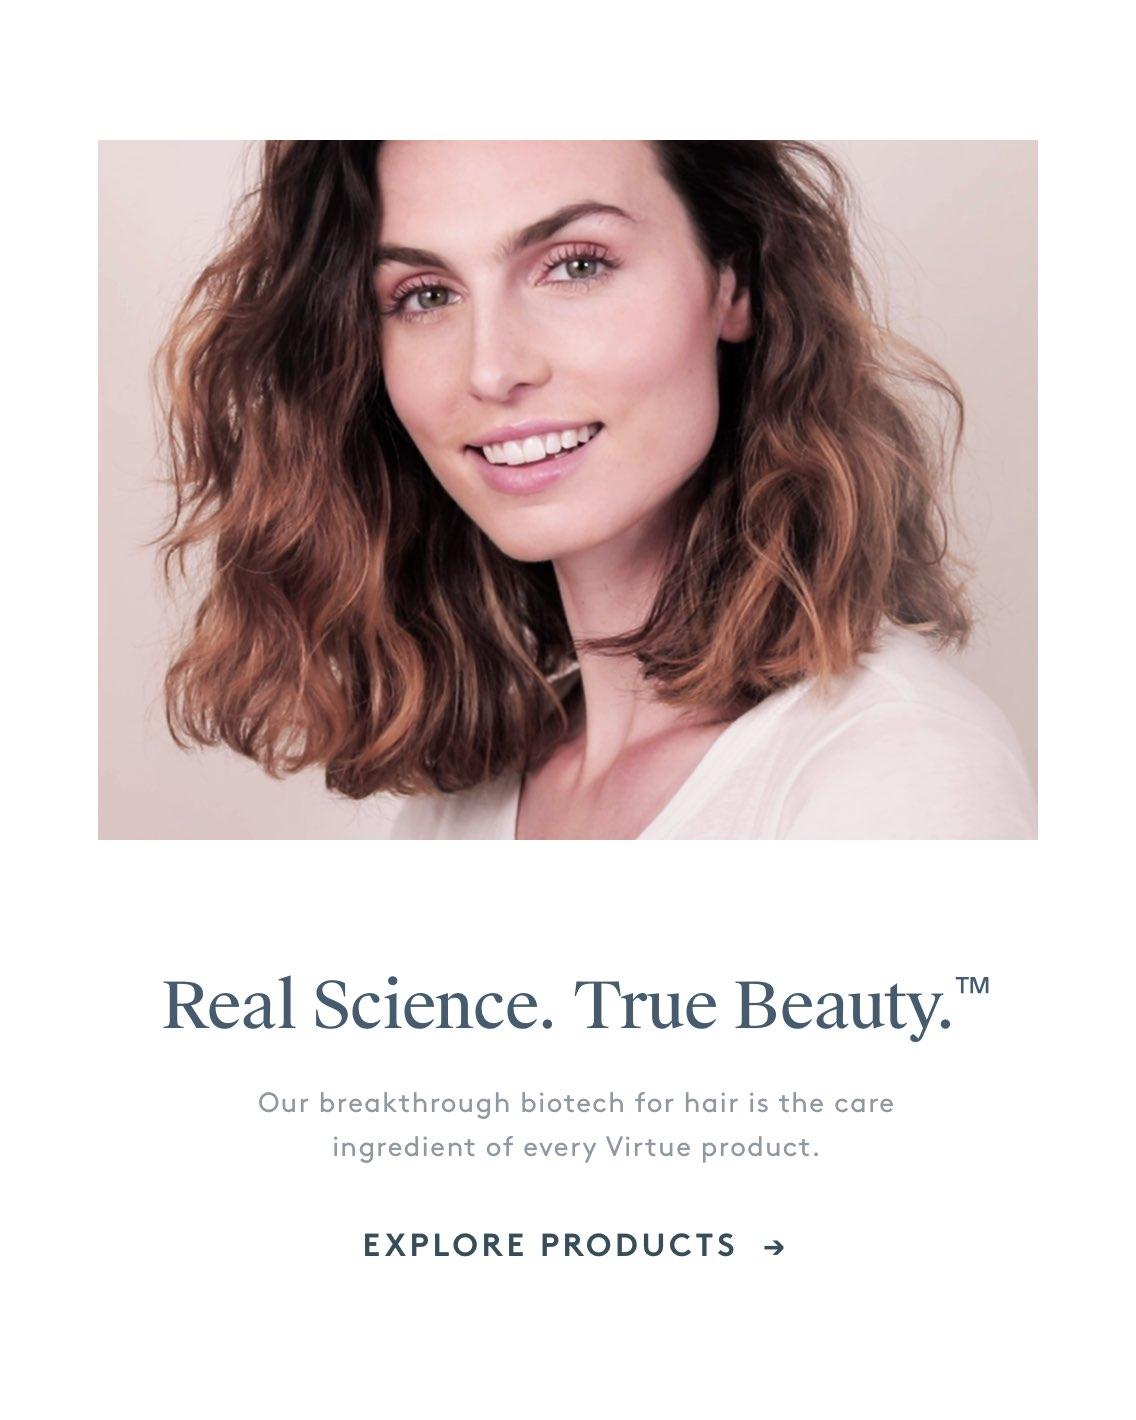 Real Science. True Beauty.®